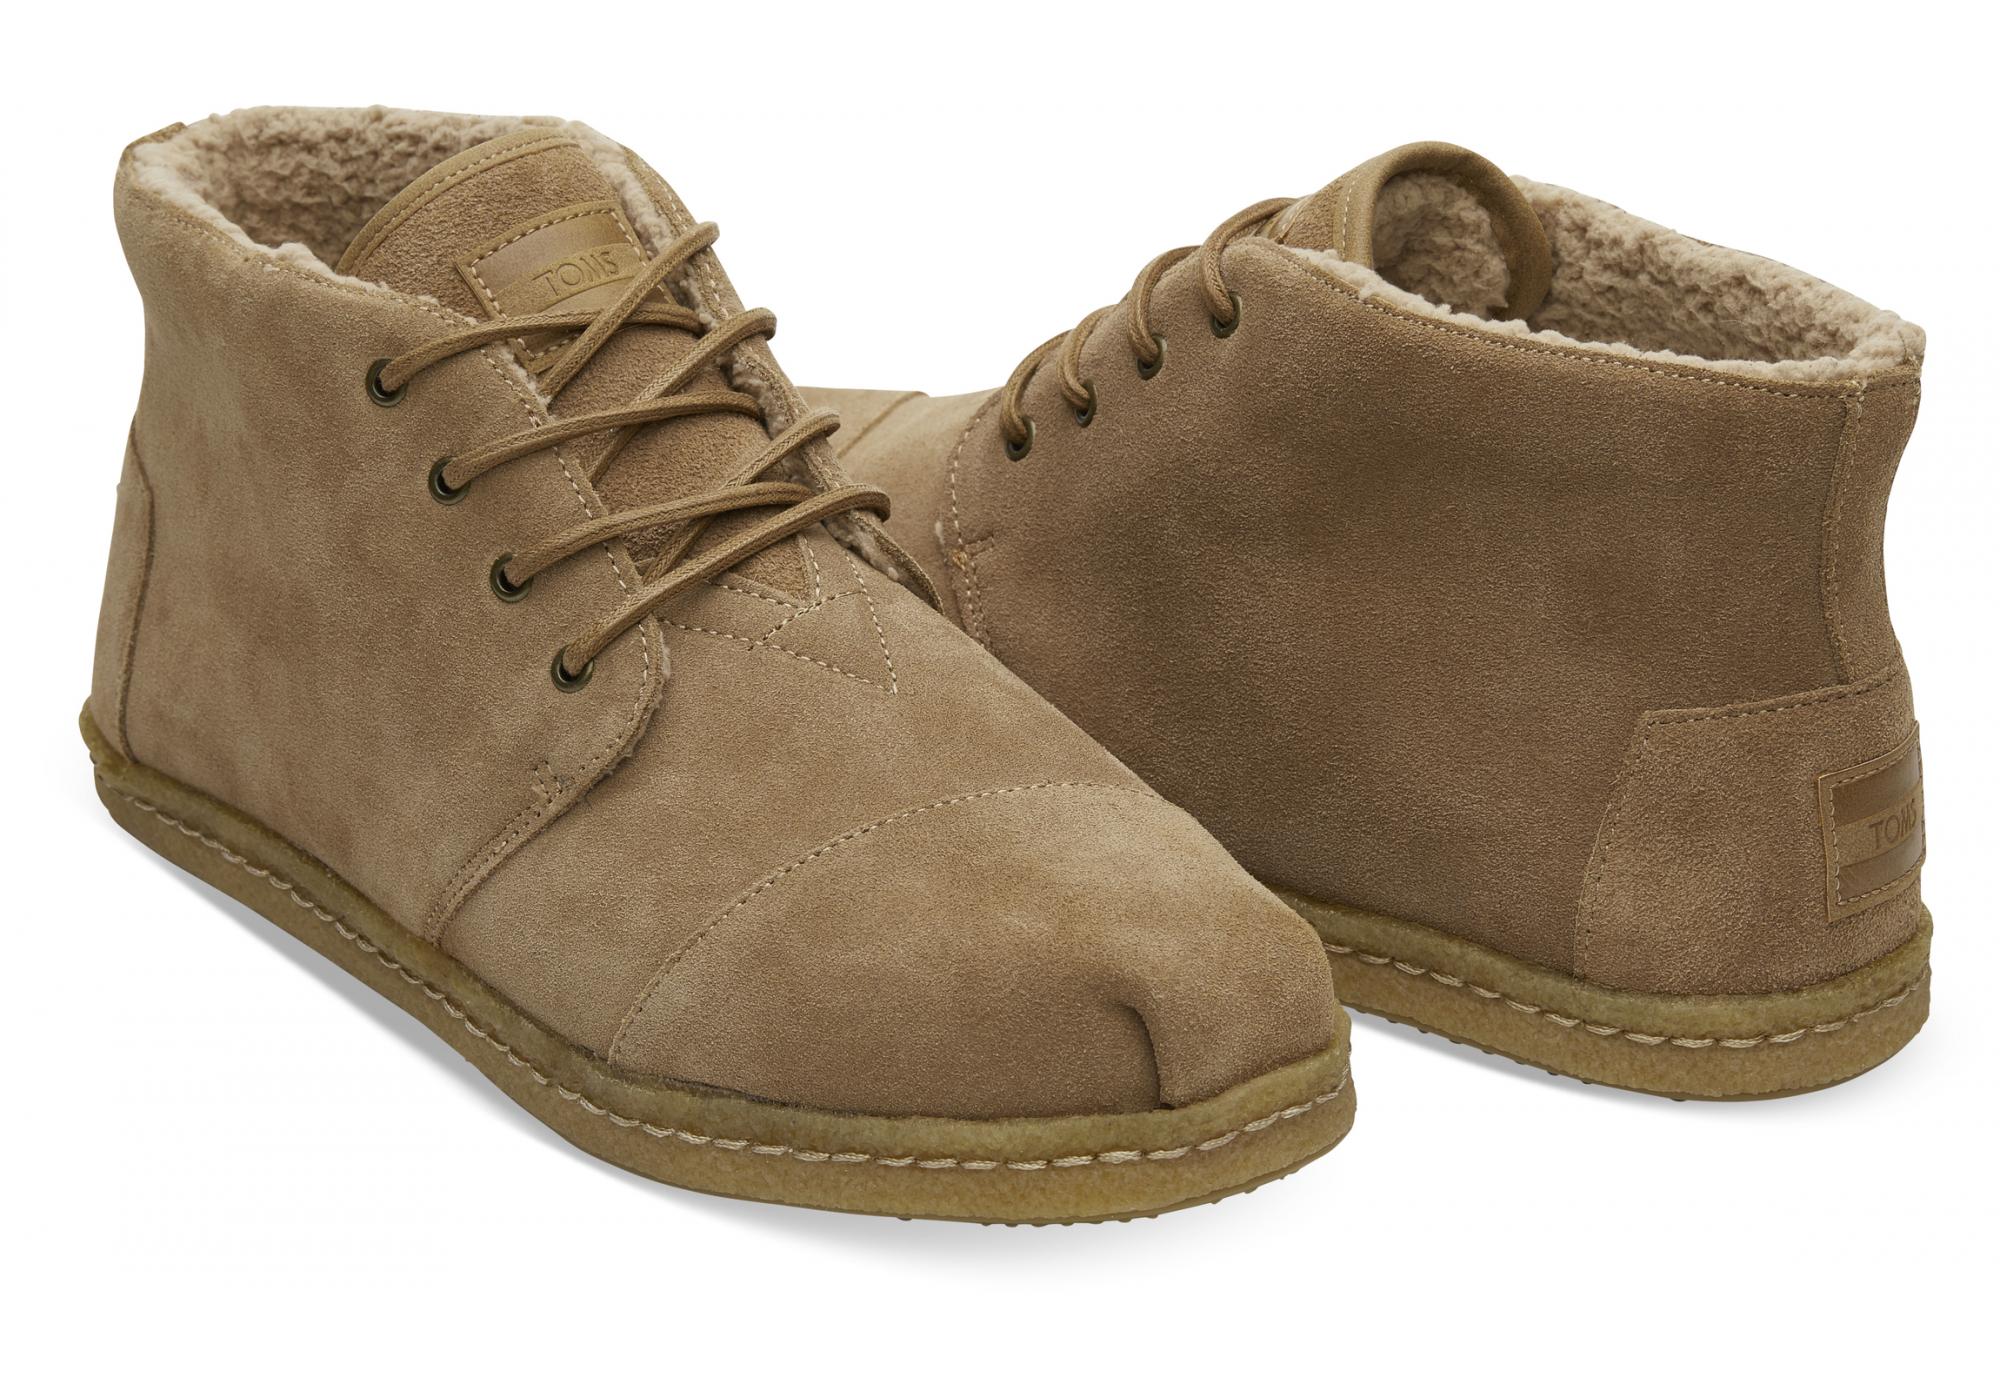 Pánske hnedé členkové topánky TOMS Venice Collection 1af68b15664